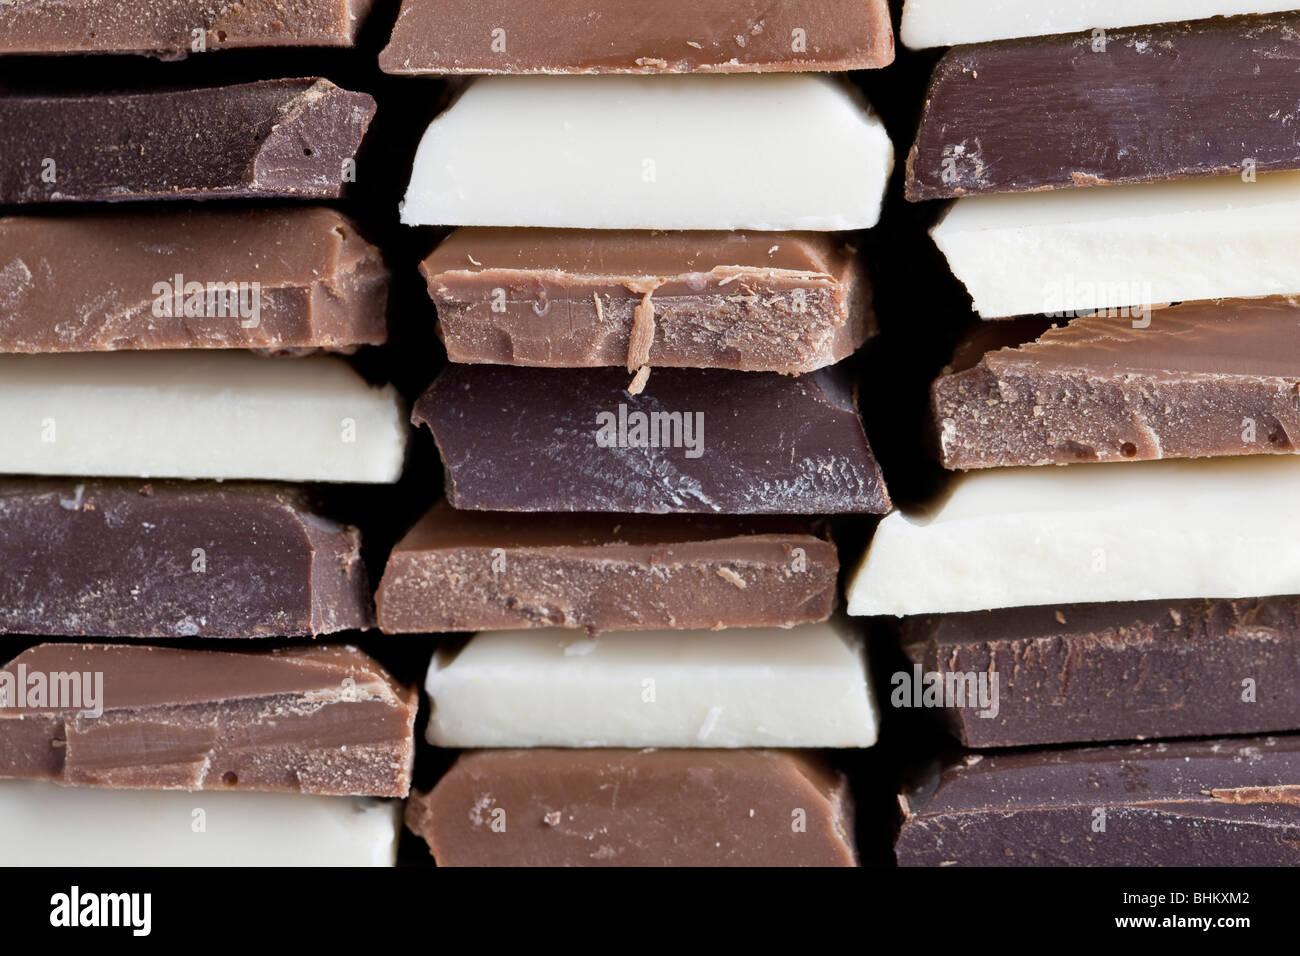 Plusieurs saveurs de chocolat empilées Photo Stock